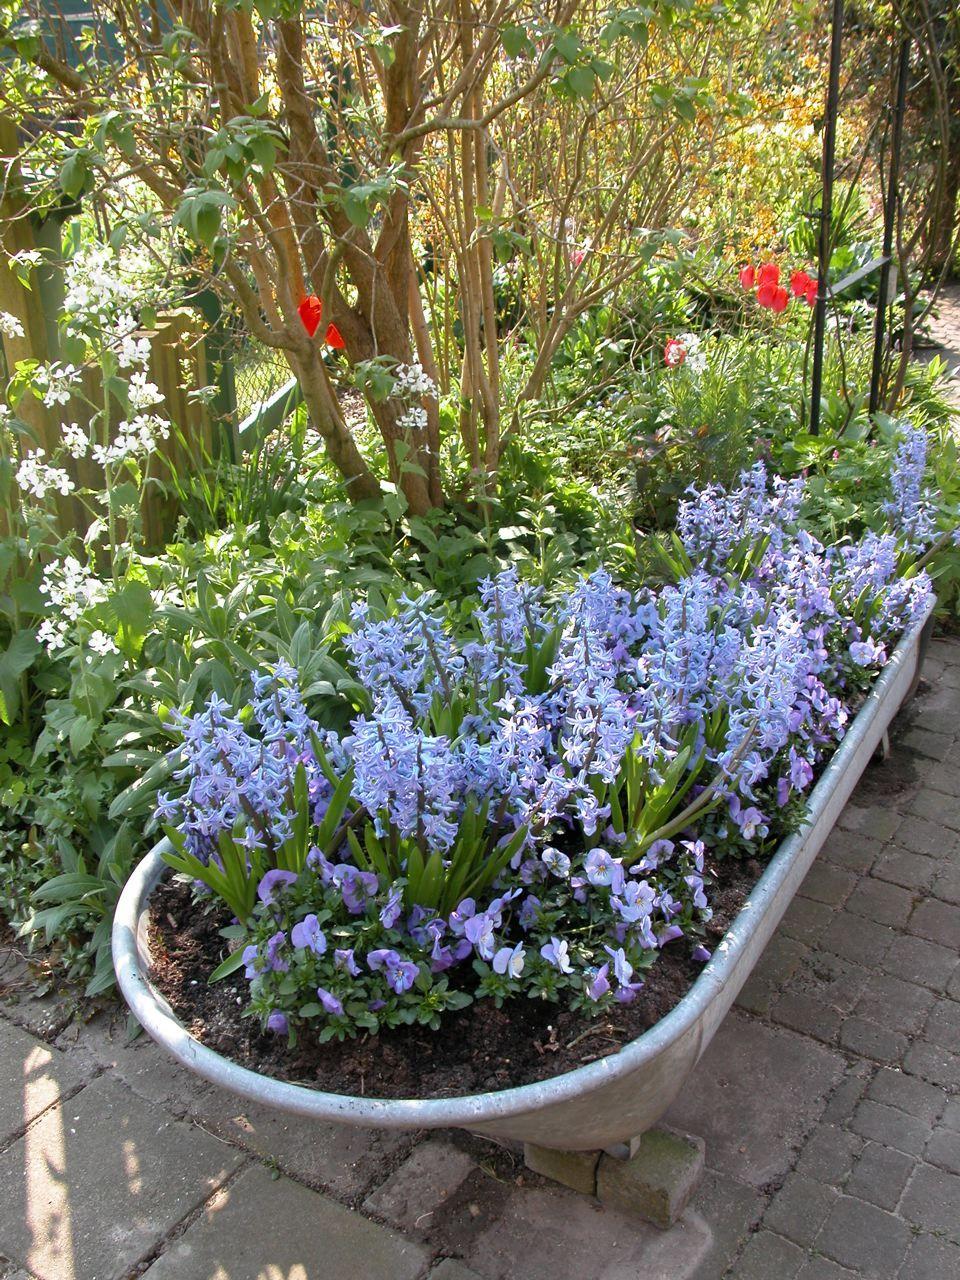 La Baignoire Ce N Est Plus Pour Les Bains Mais Pour Fleurir Le Jardin Paris Cote Jardin Jardins Grande Jardiniere Pot Jardin